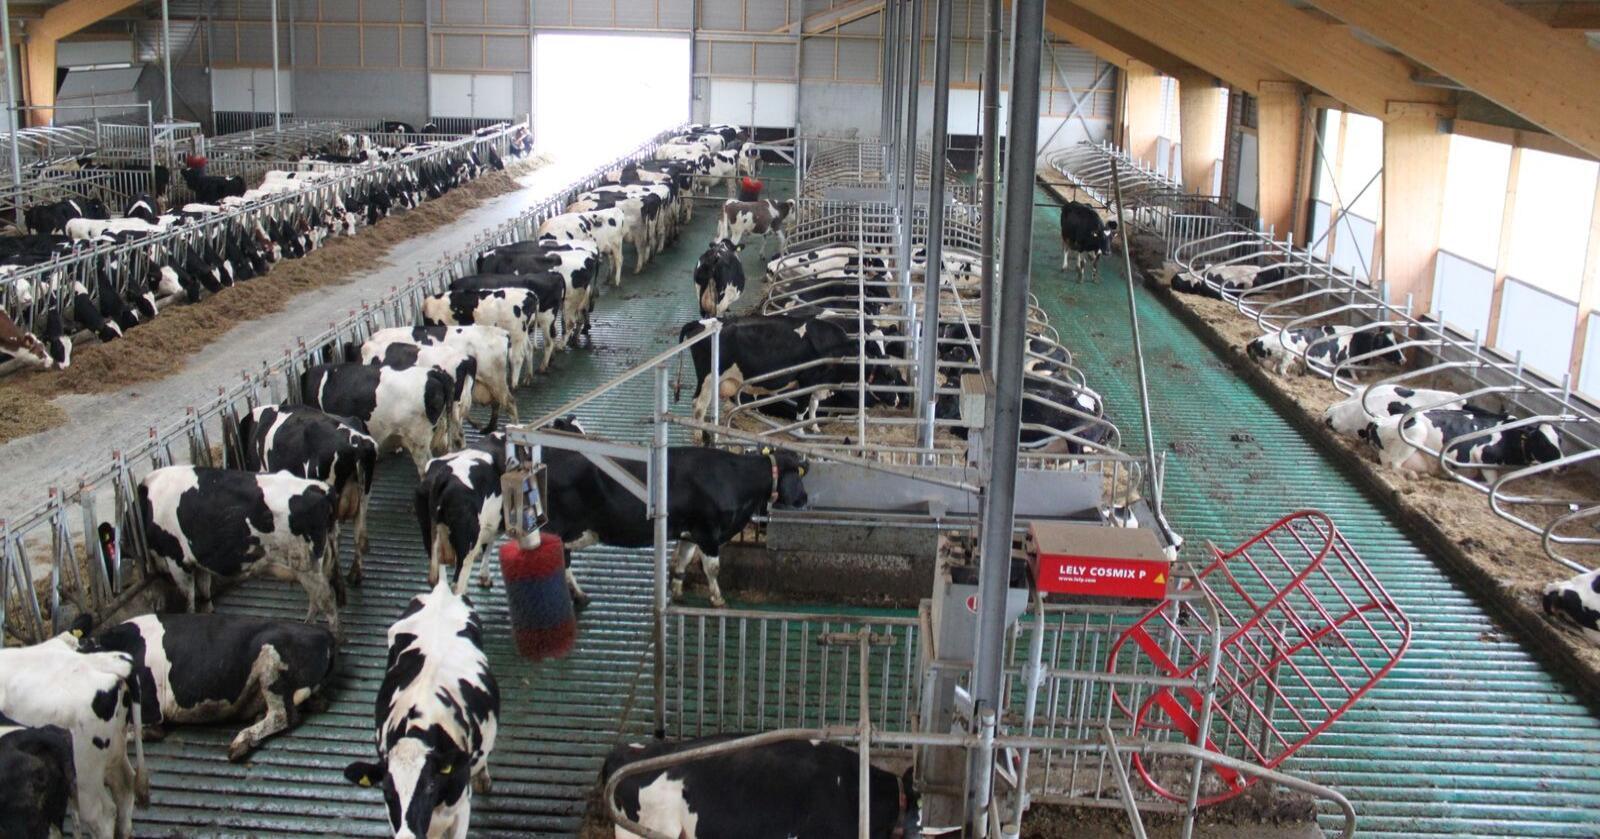 Ifølge International Dairy Foods Association dumpes for øyeblikket fem prosent av melkeproduksjonen i USA. Også i EU har mange melkebønder problemer. (Arkivfoto fra Nederland)